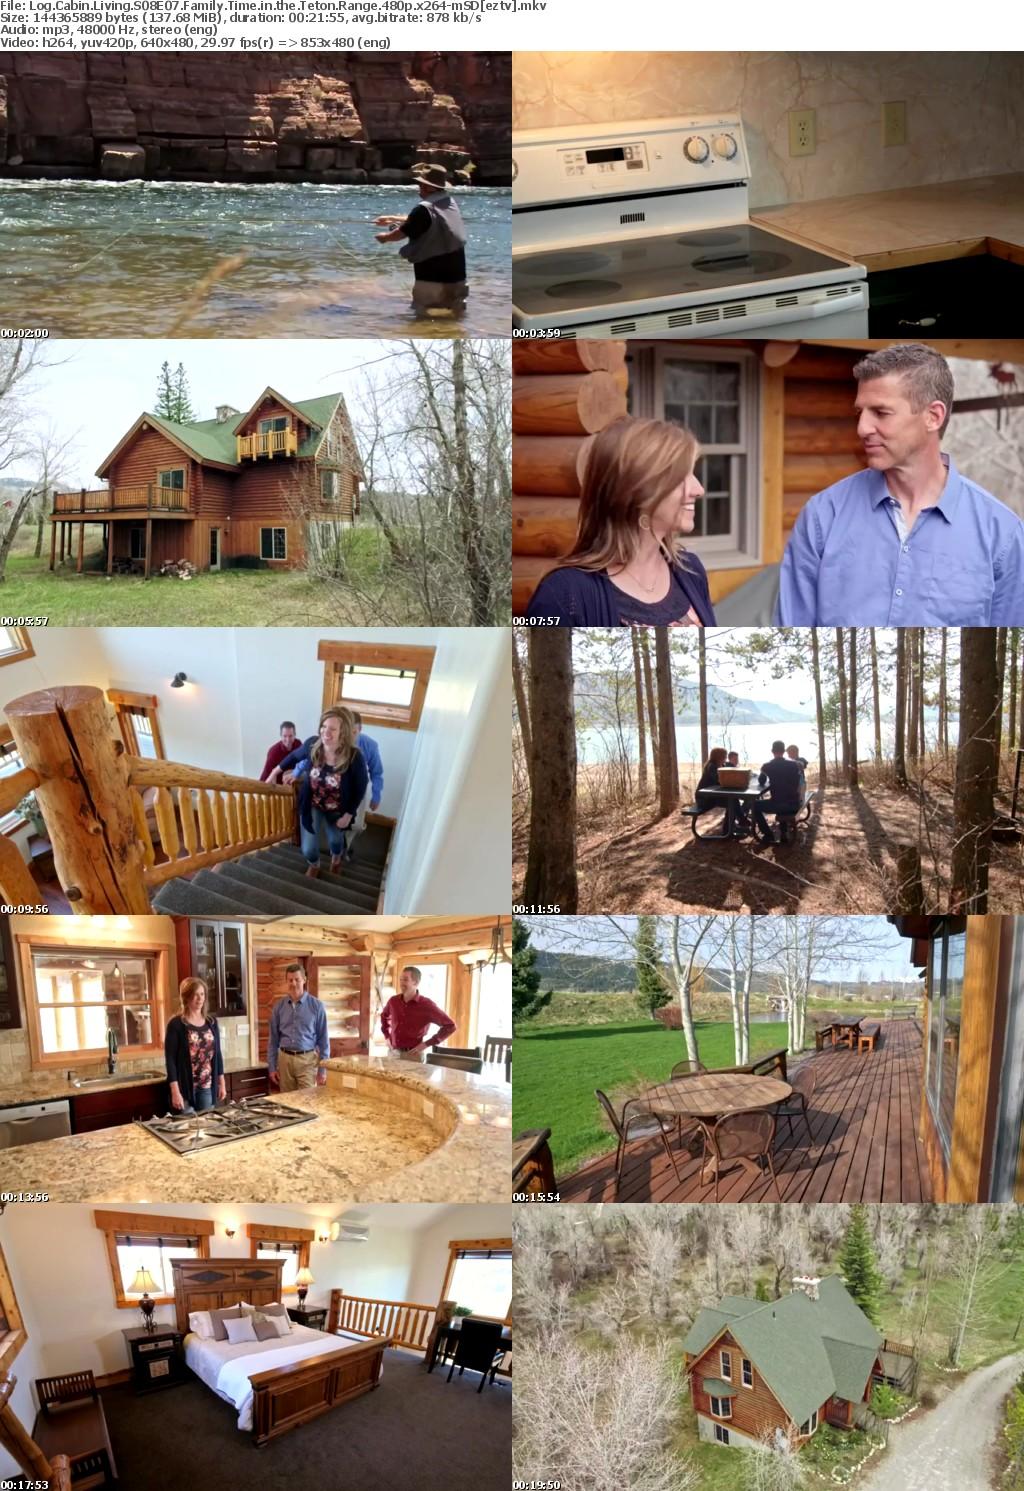 Log Cabin Living S08E07 Family Time in the Teton Range 480p x264-mSD